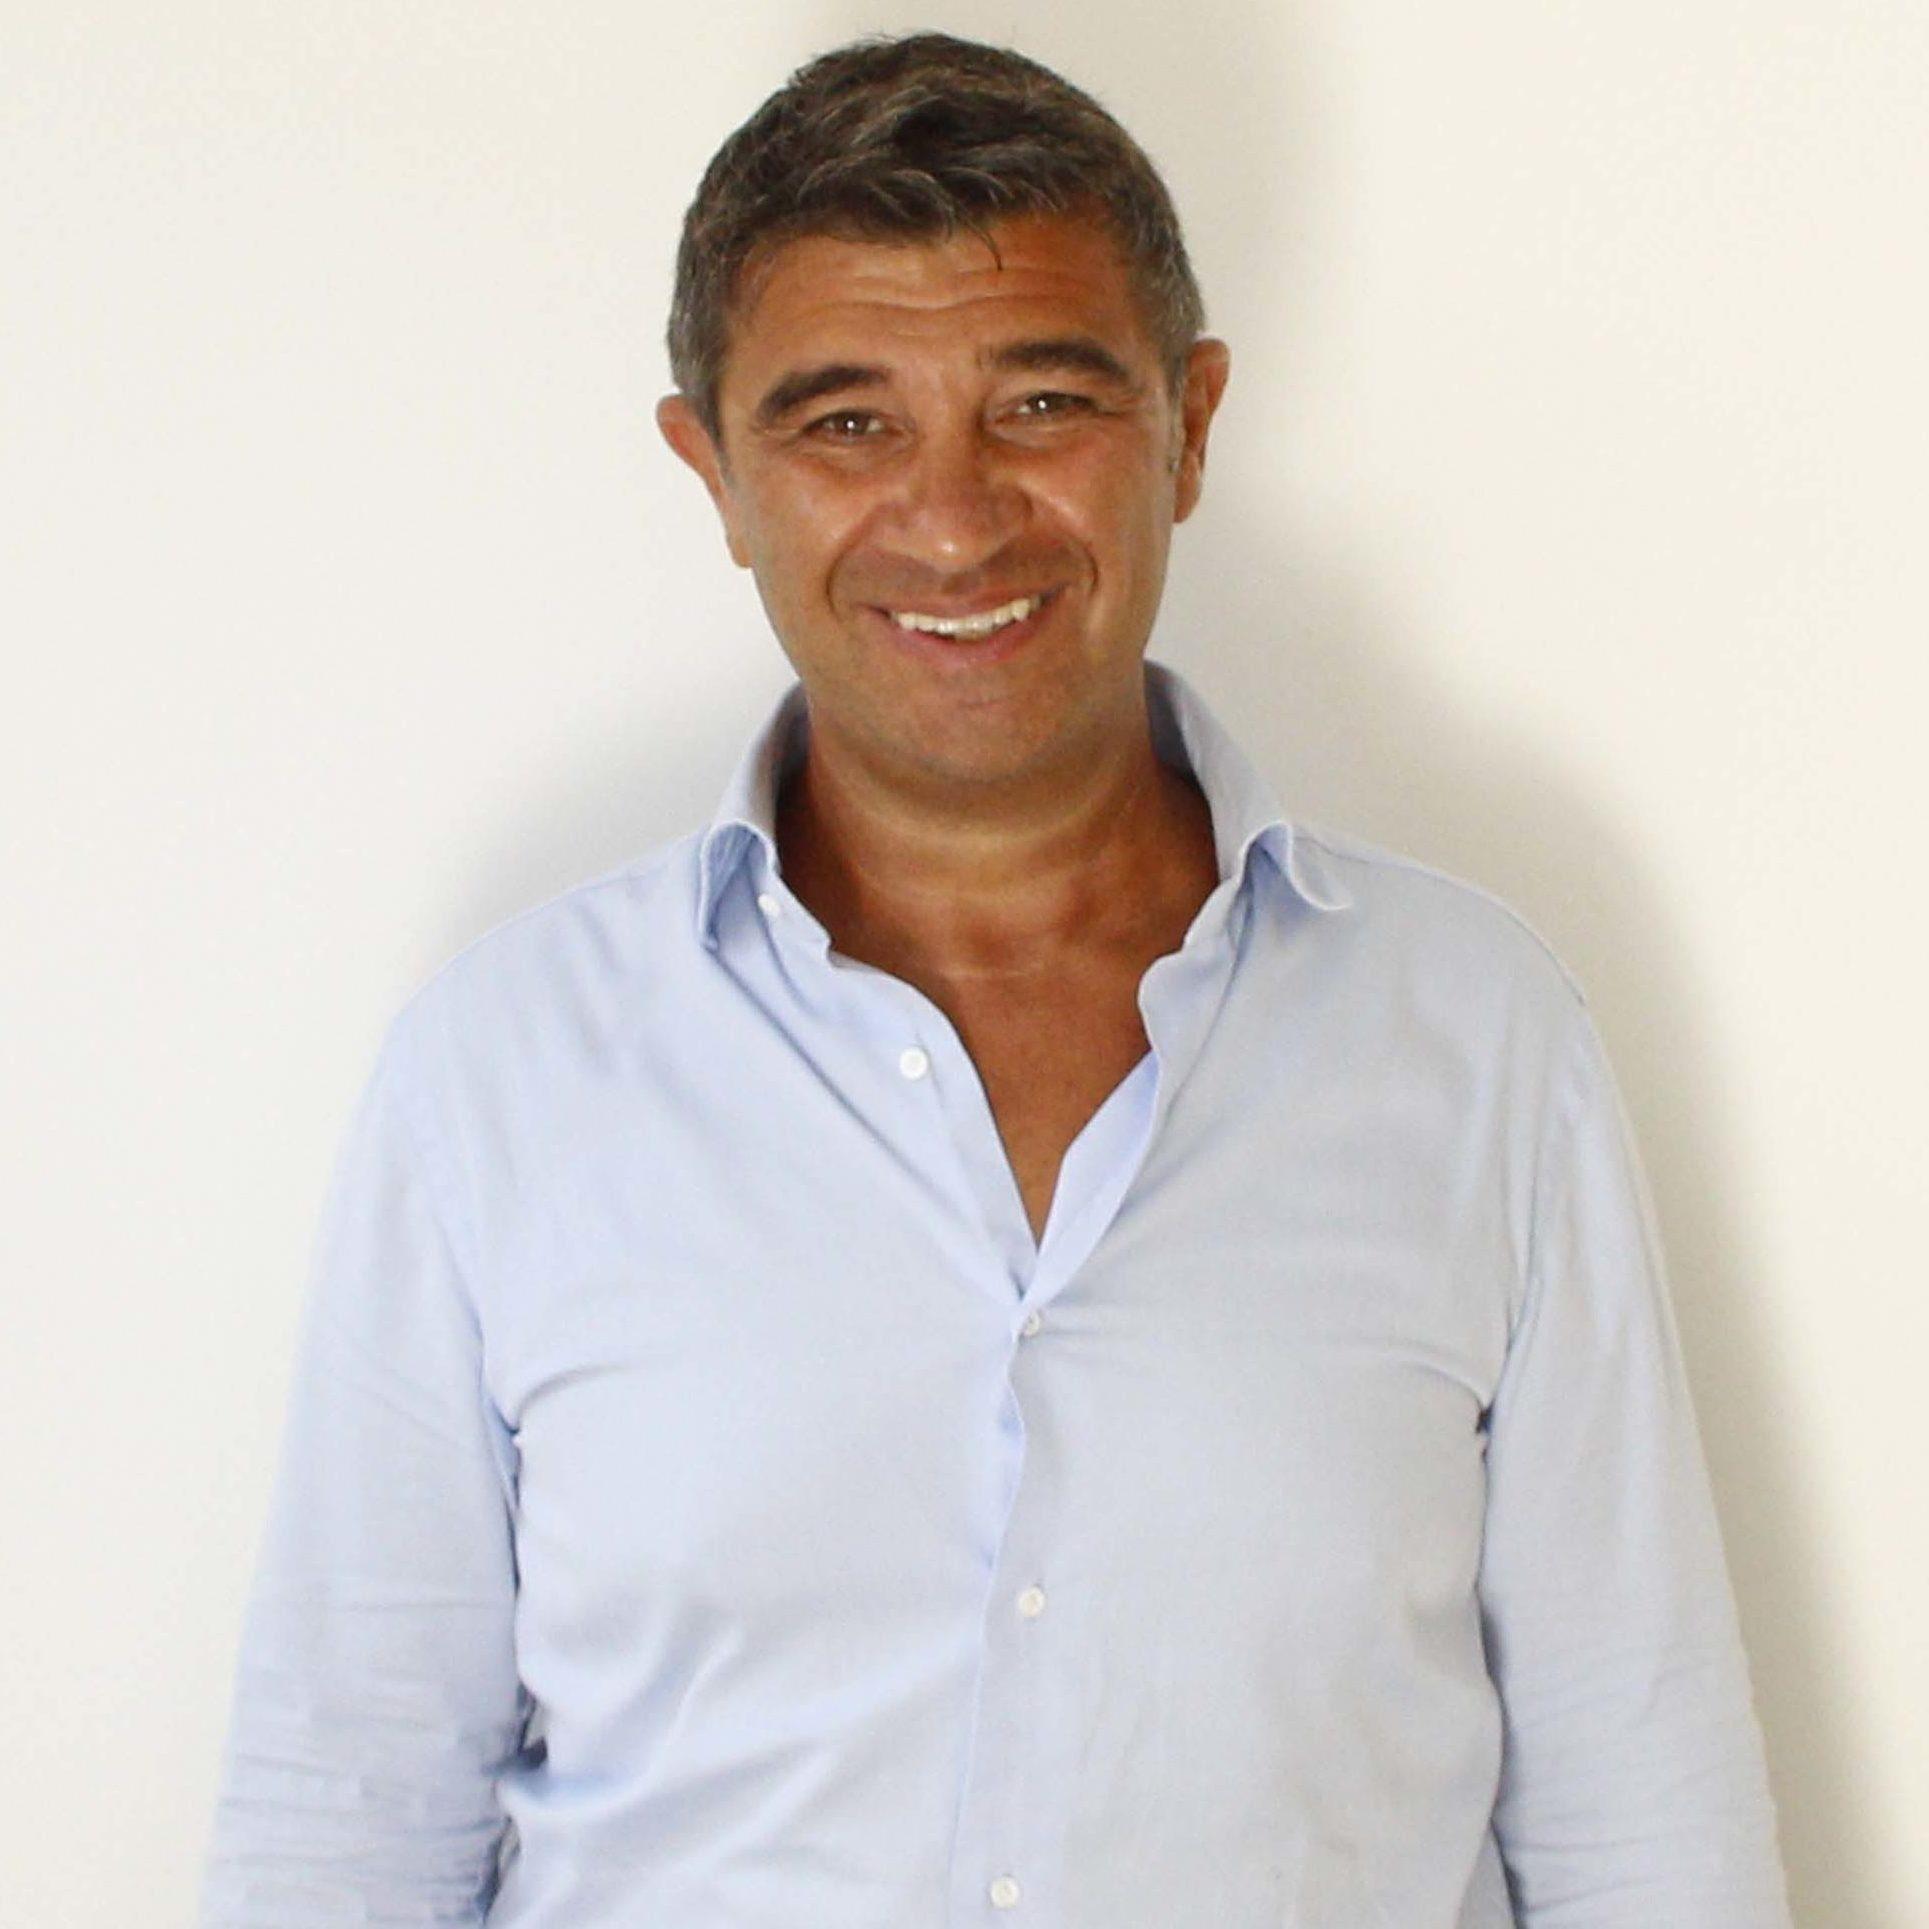 Flavio Tagliabue